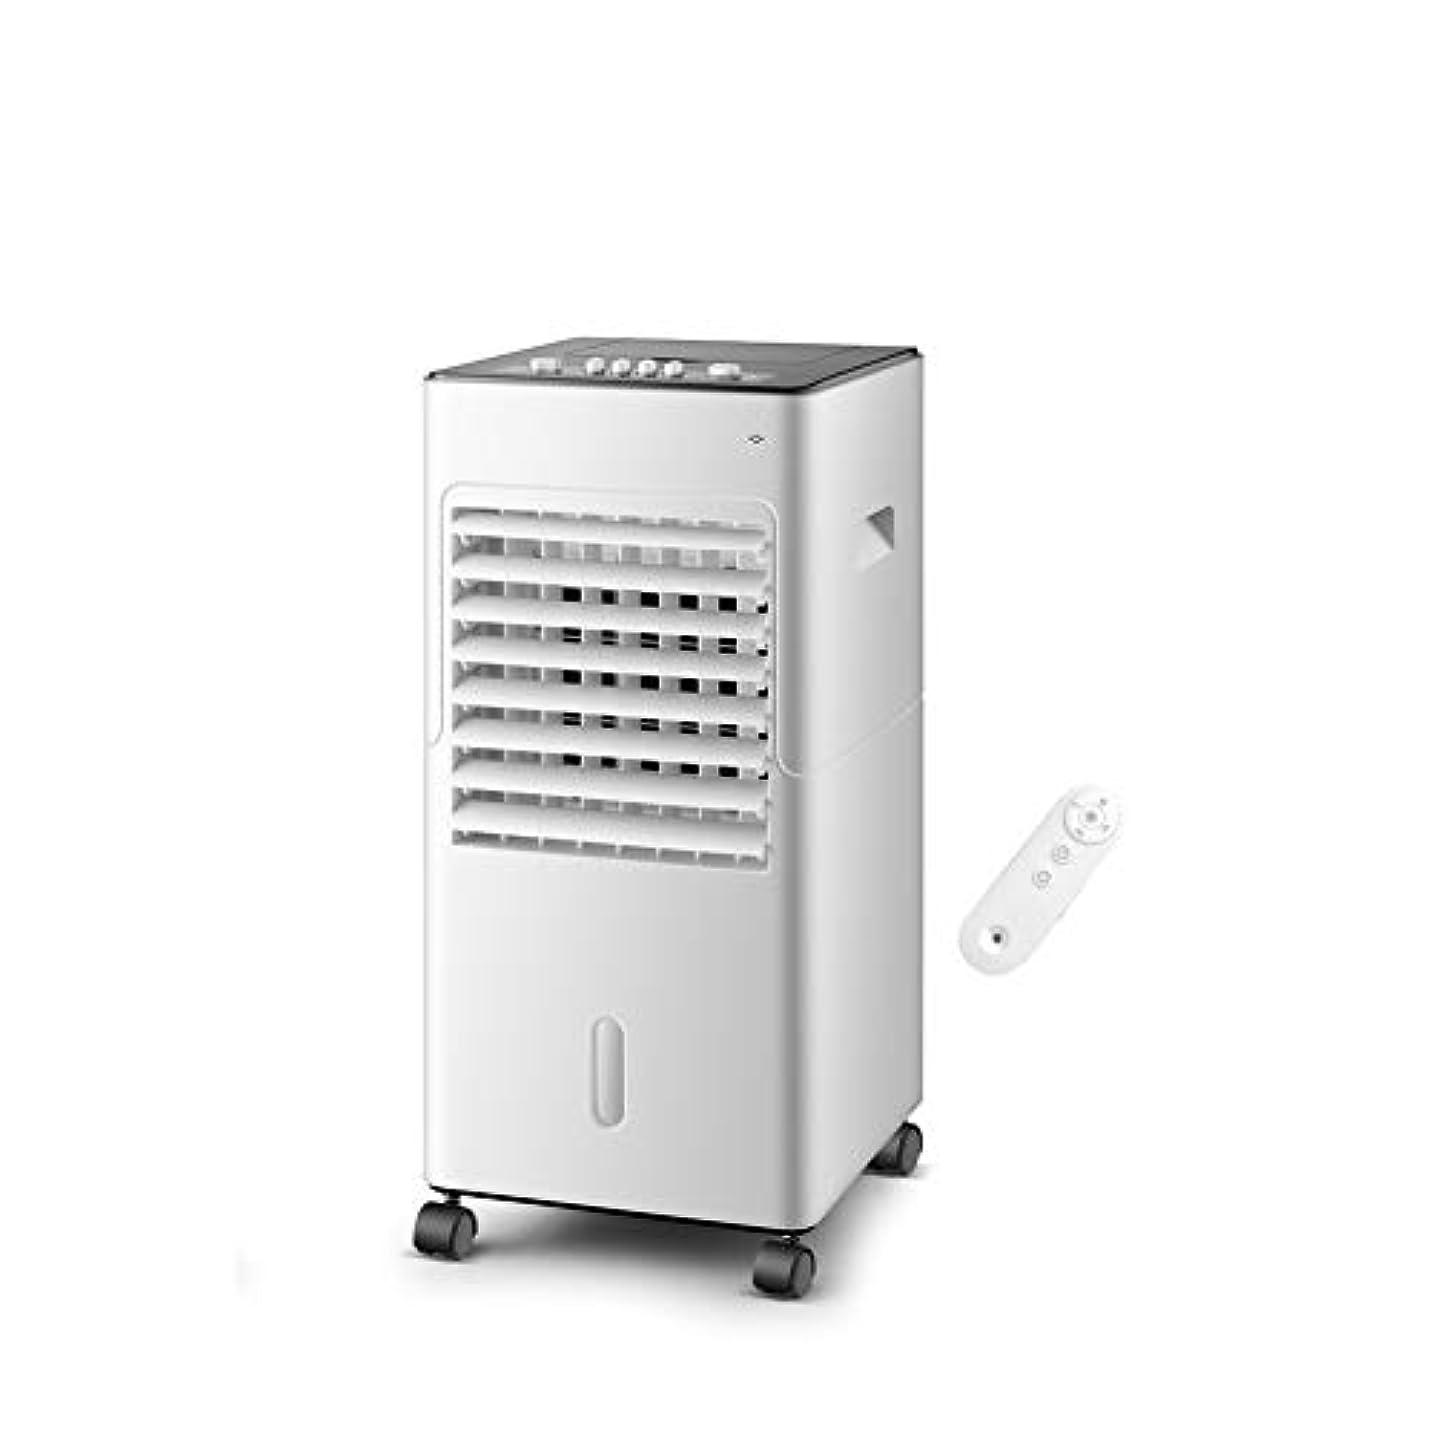 クリーナー素晴らしき逸脱LPD-冷風機 ポータブル蒸発エアコンタワーコールドエアクーラーファンモバイルエアコンタイミングリモコンマイナスイオン精製12H